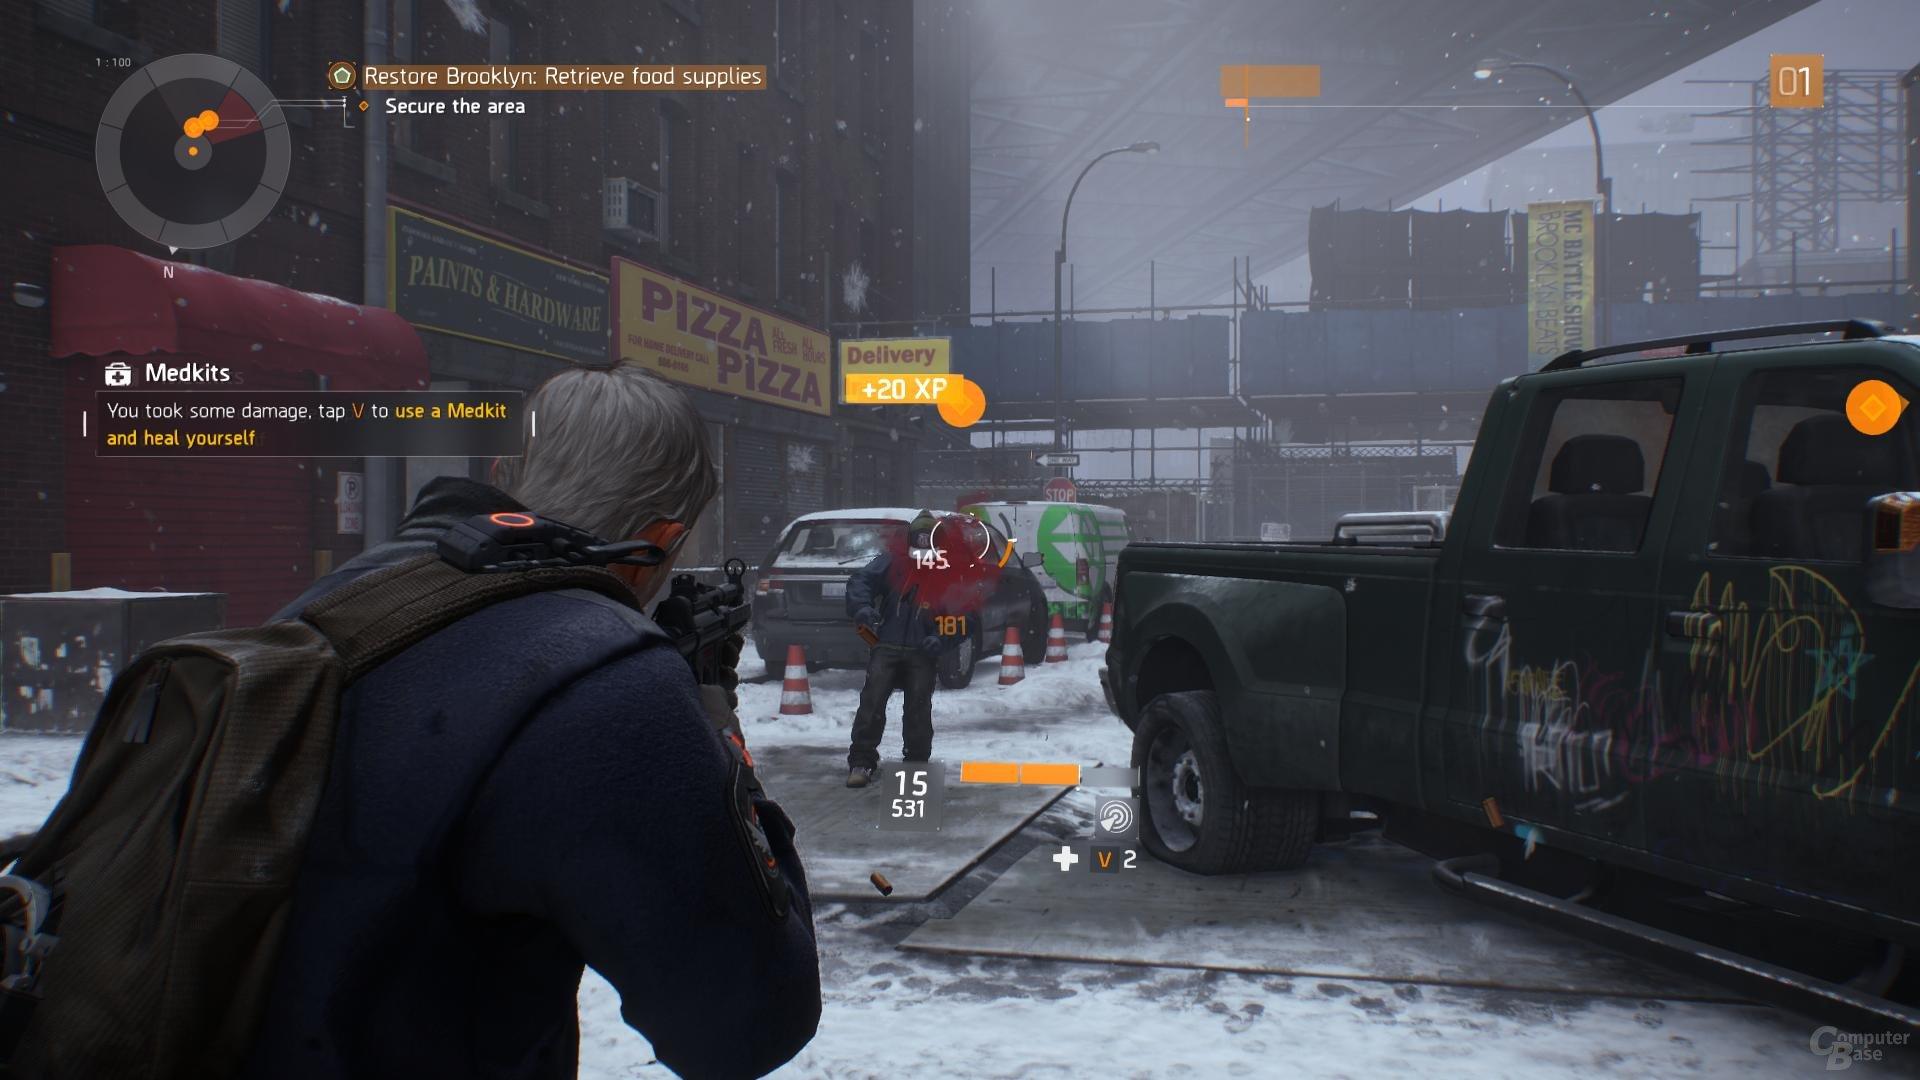 RPG-Typisch wird der Waffenschaden visualisiert